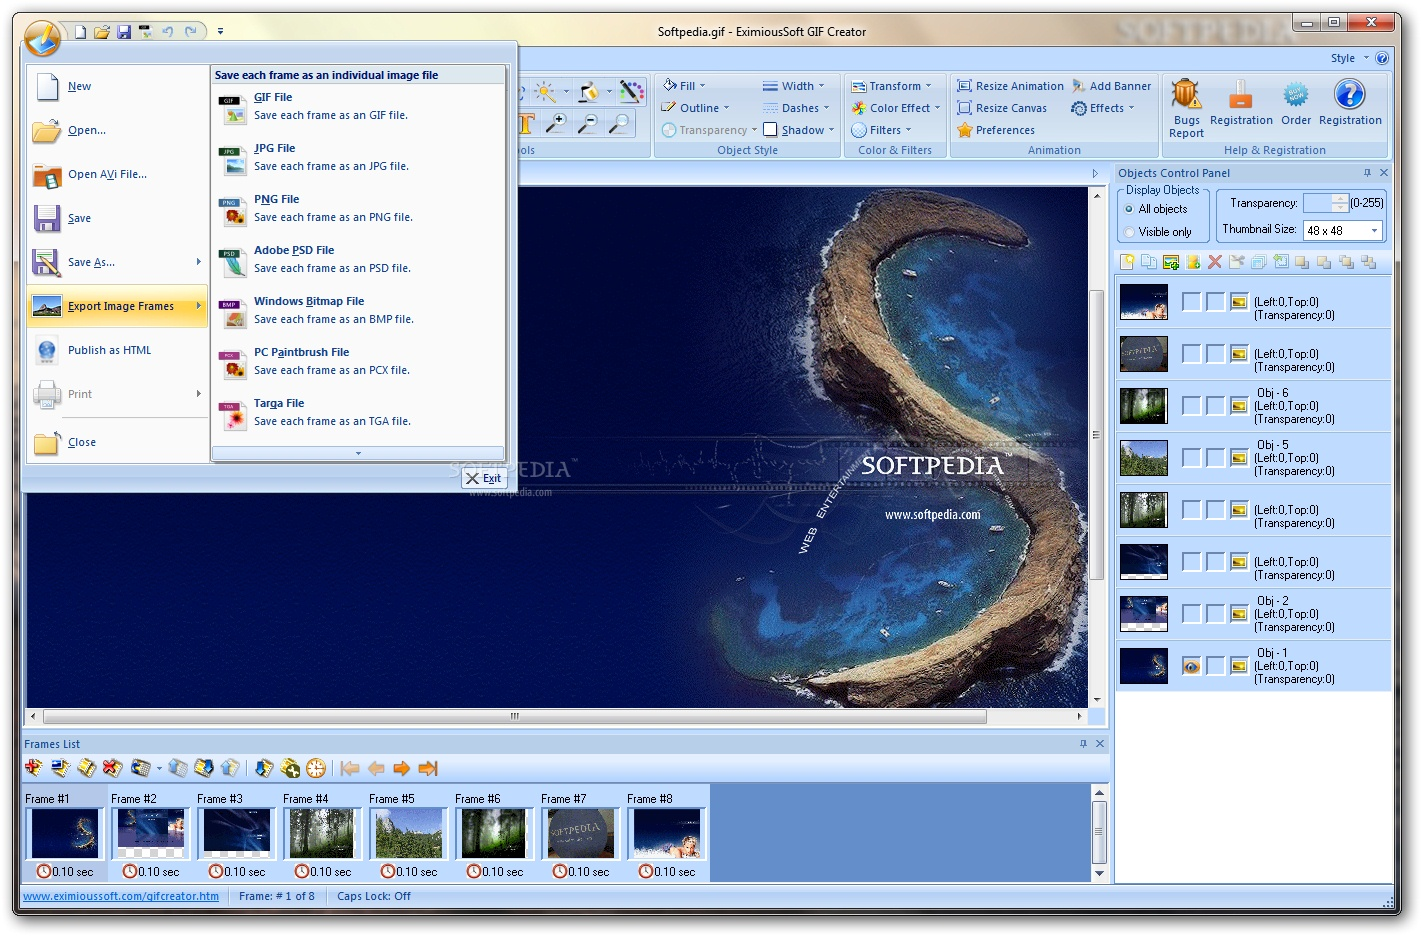 EximiousSoft GIF Creator 6 دانلود EximiousSoft GIF Creator 7 21 نرم افزار طراحی تصاویر متحرک GIF